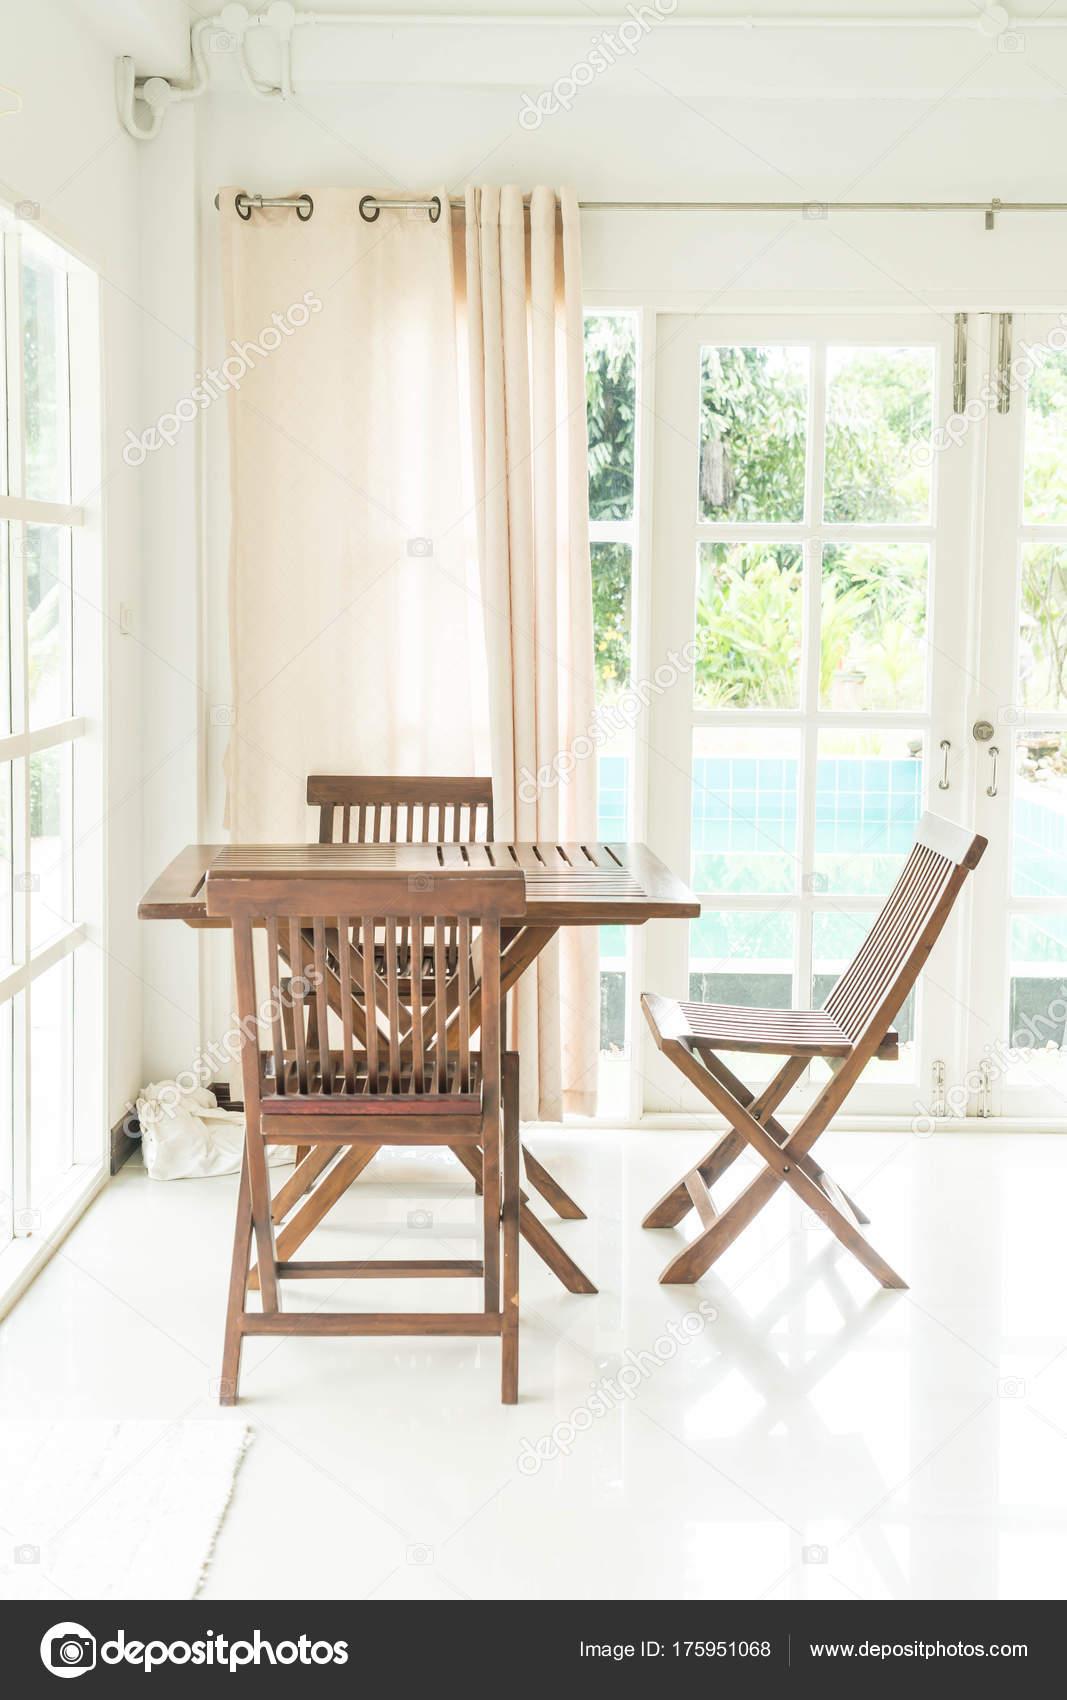 Table Vide Et Une Chaise Dans La Salle De Sjour Photo